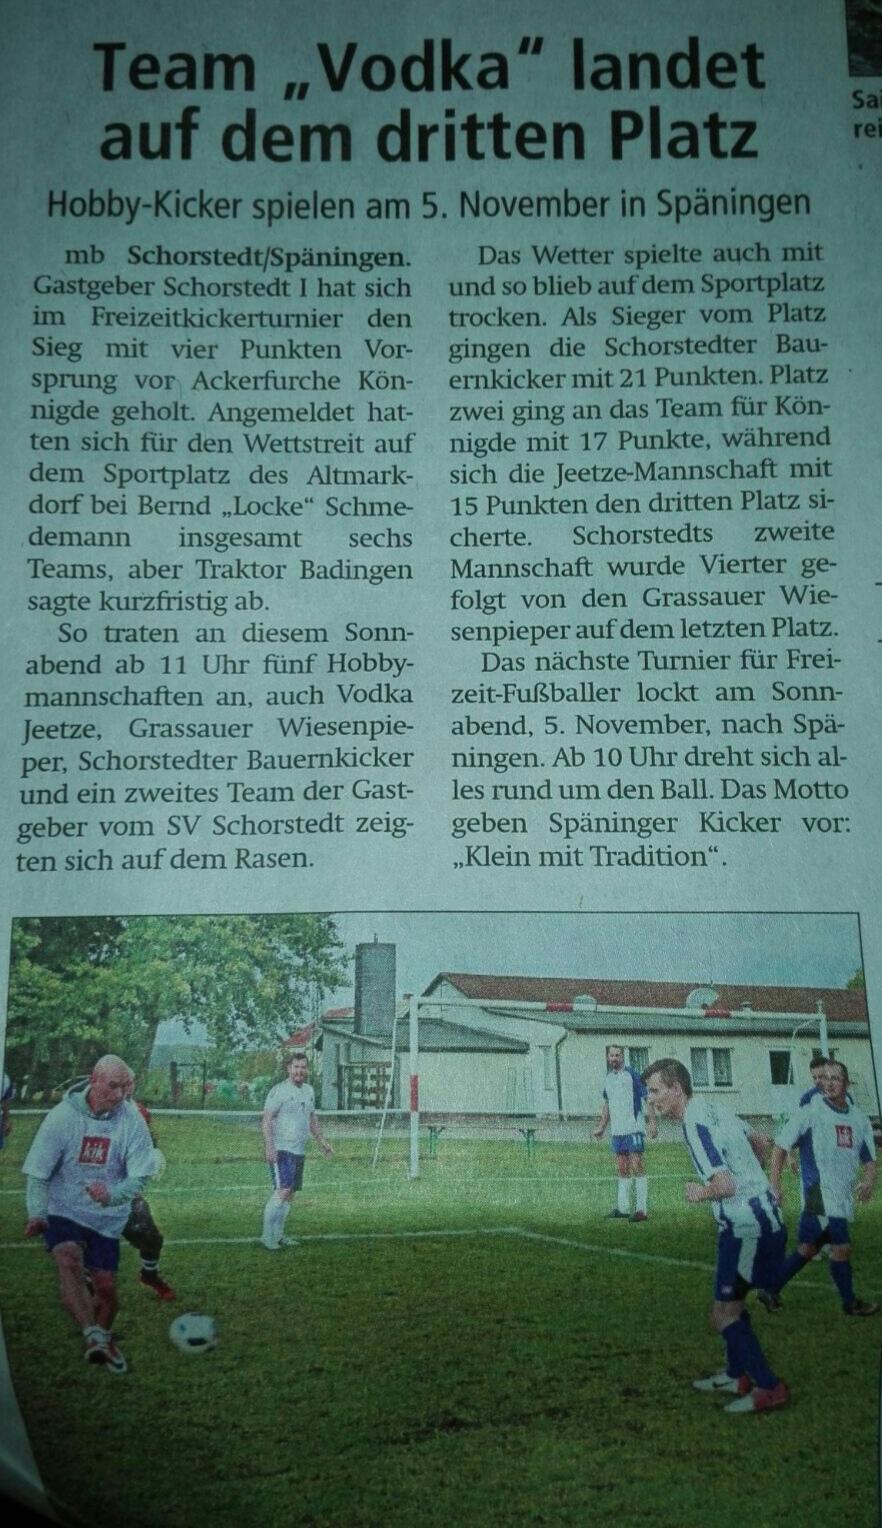 Altmark-Zeitung vom 27.10.2016 von Maik Bock